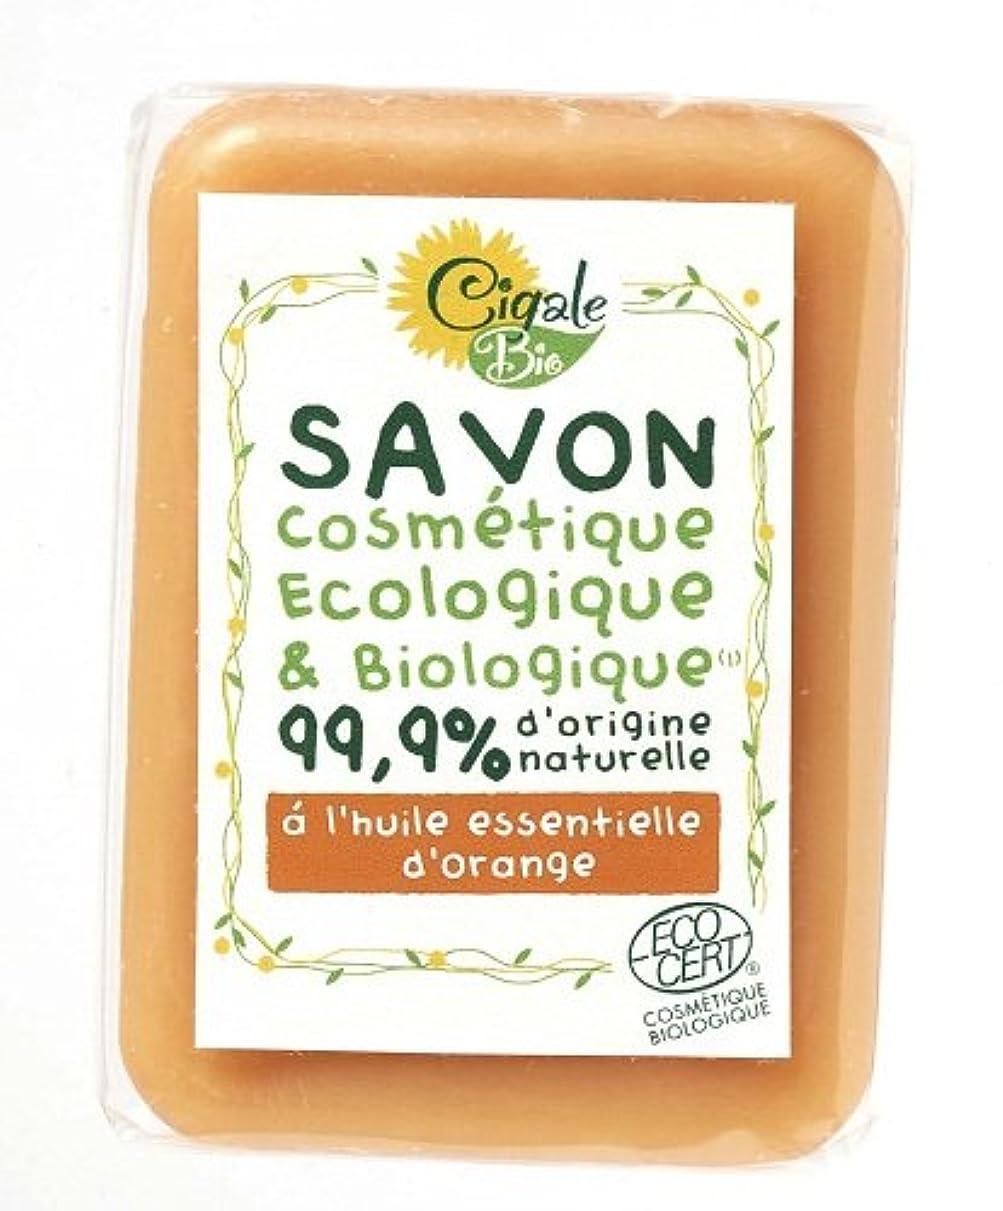 アームストロング炭水化物トマトシガールビオ オーガニックソープ オレンジ